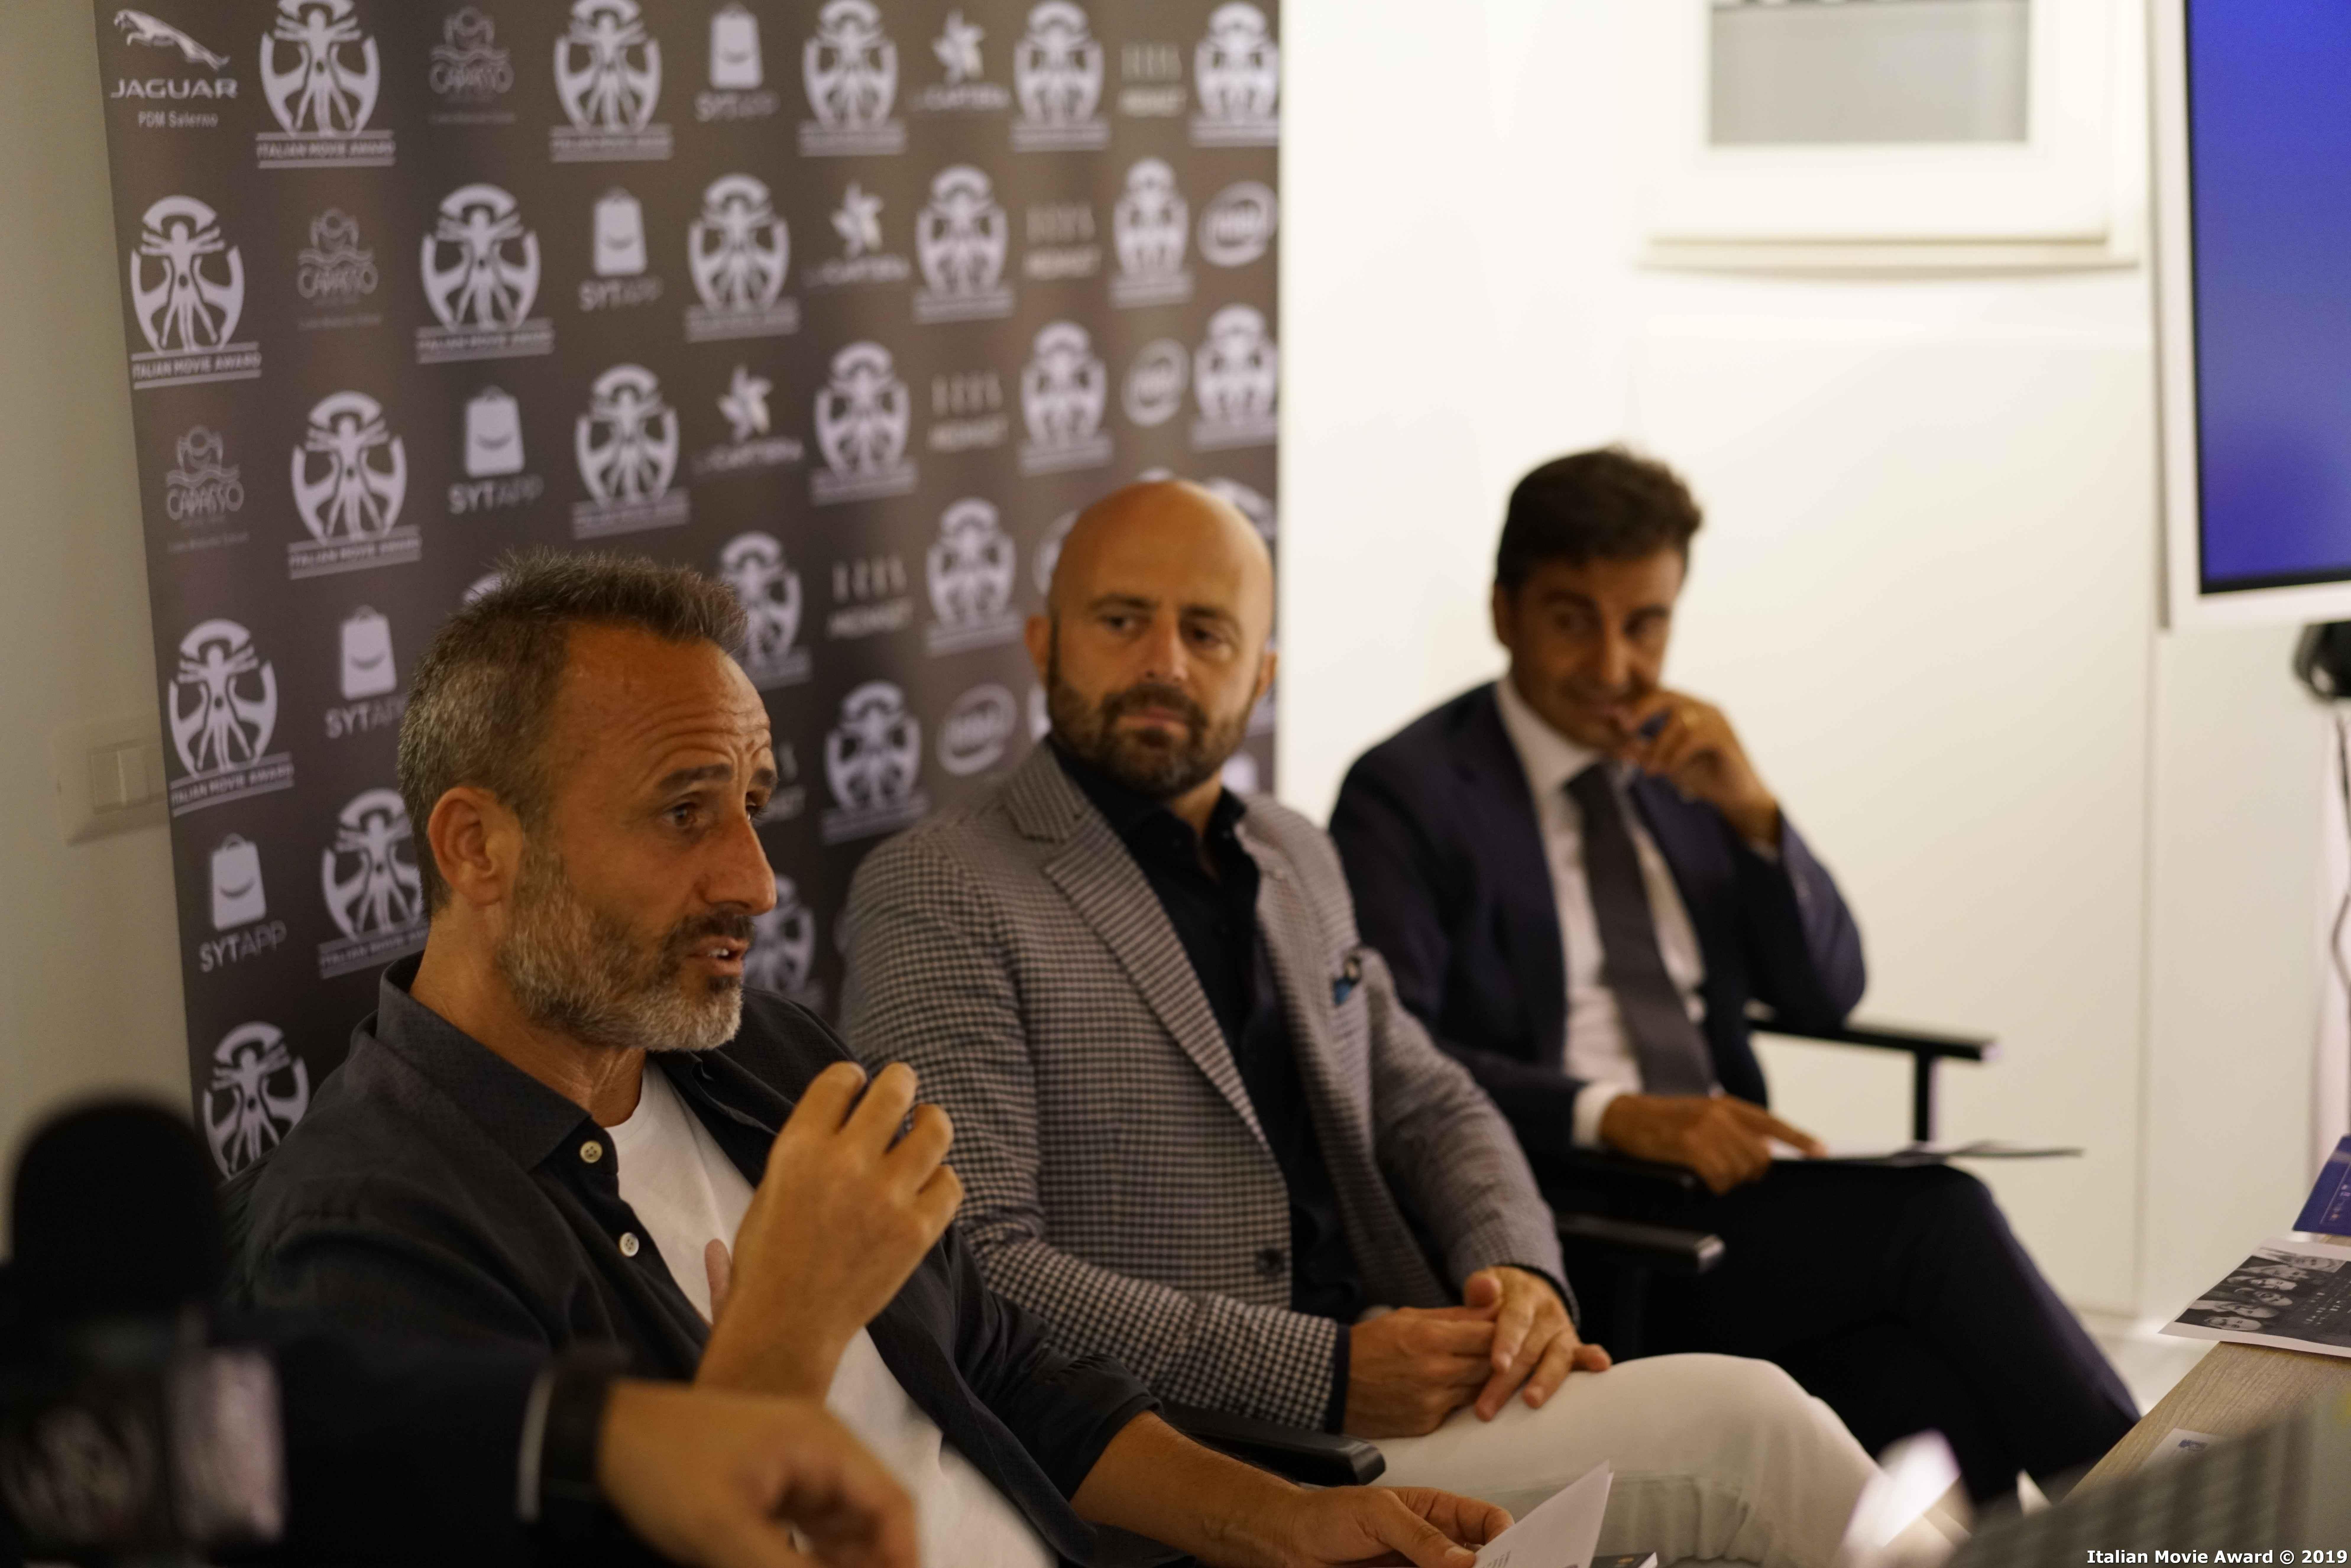 italian_movie_award_2019_conferenza_1_5